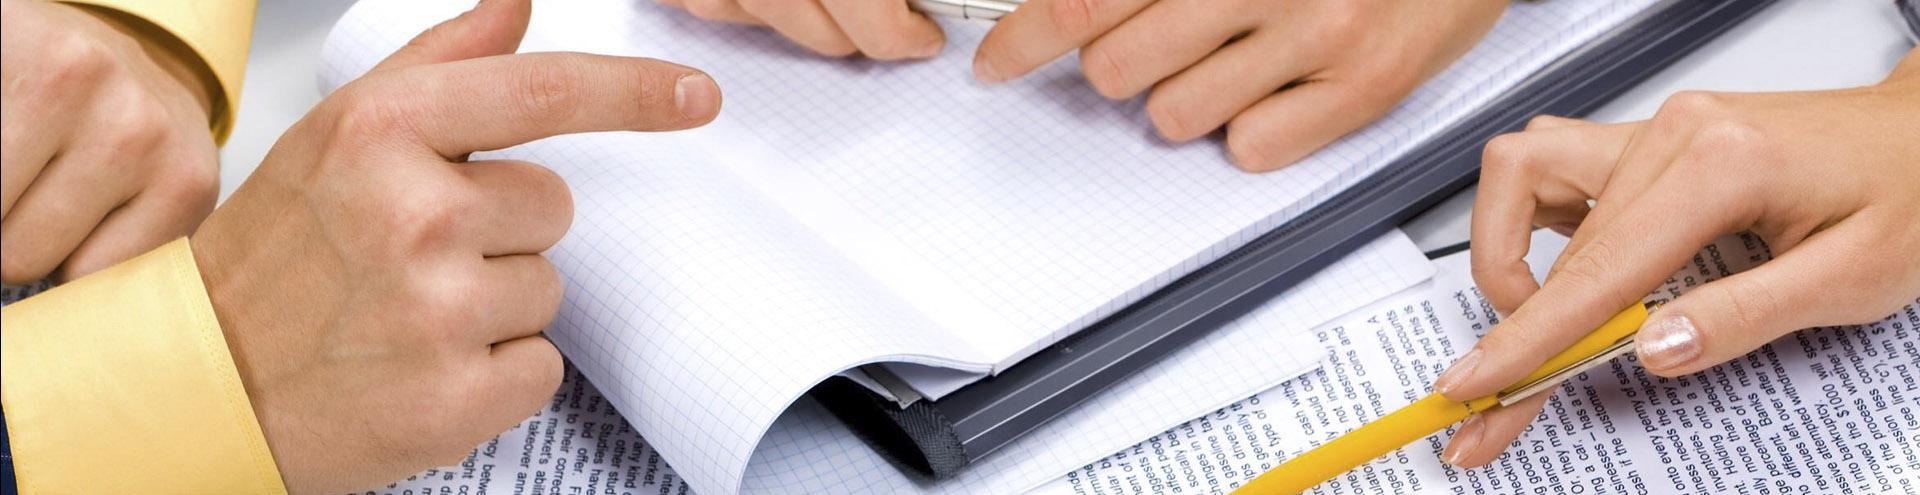 административное дело - рассмотрение административного дела в Челябинске